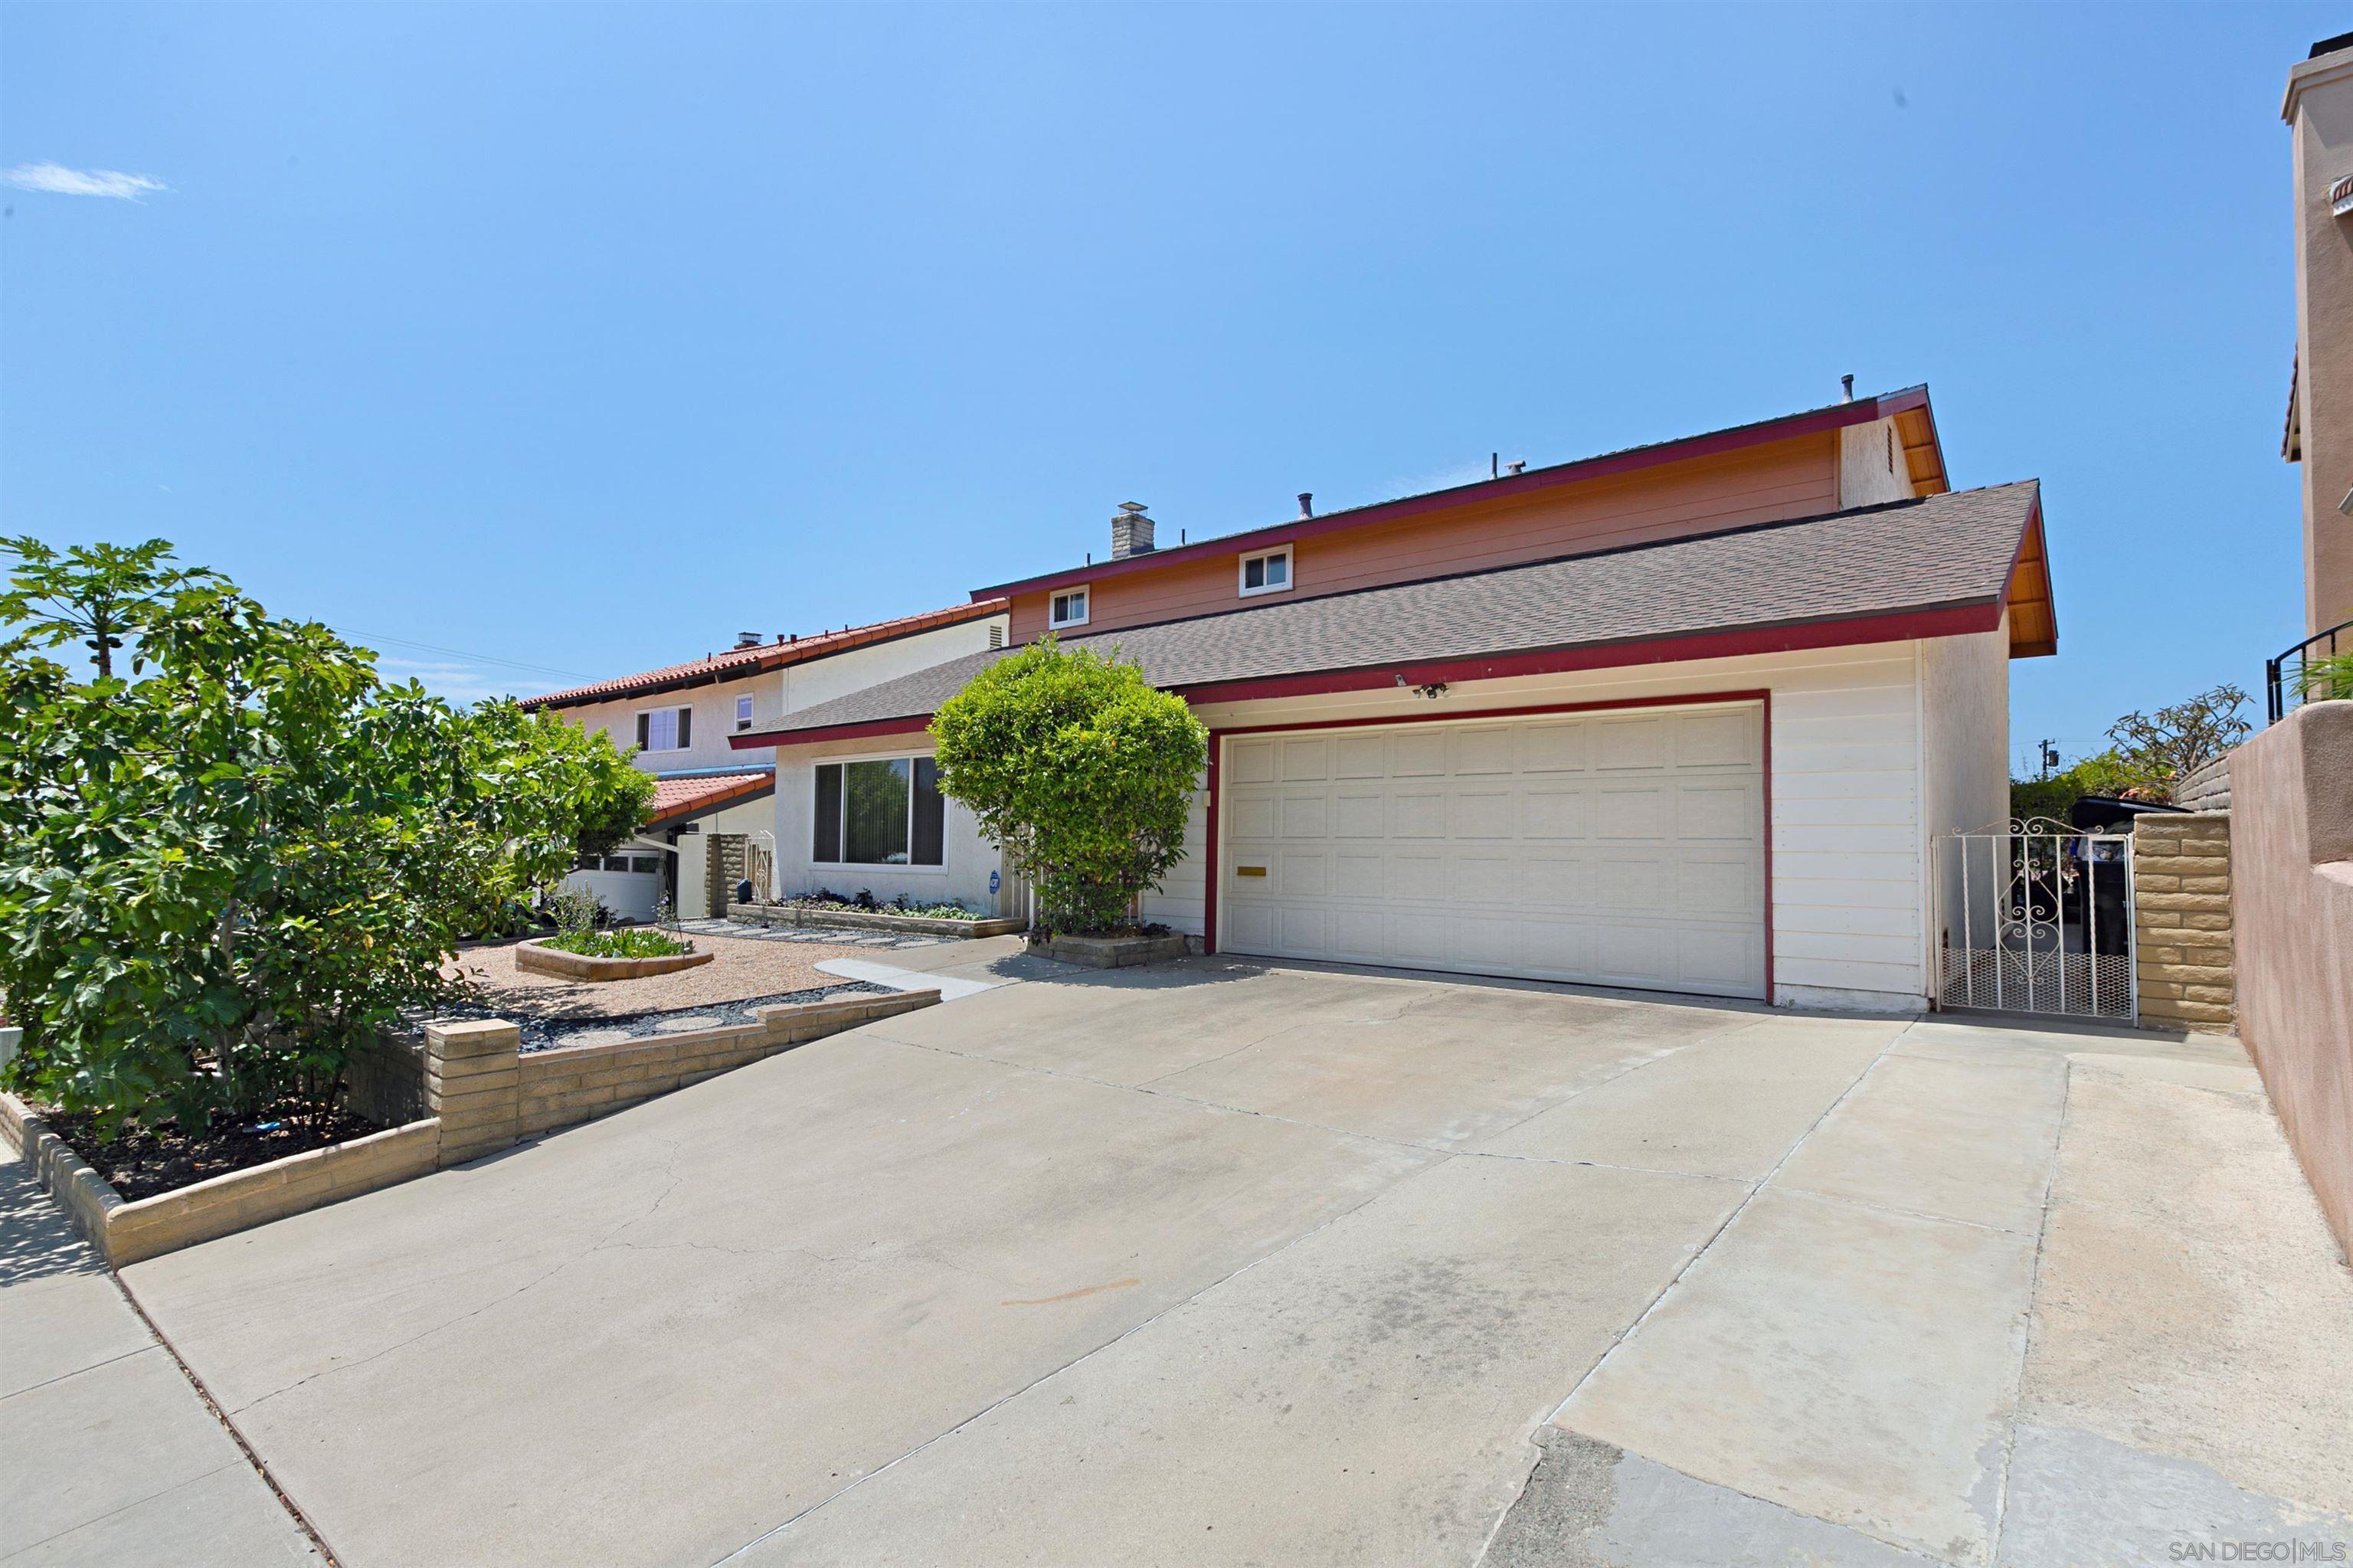 3012 Serbian Pl, San Diego, CA 92117